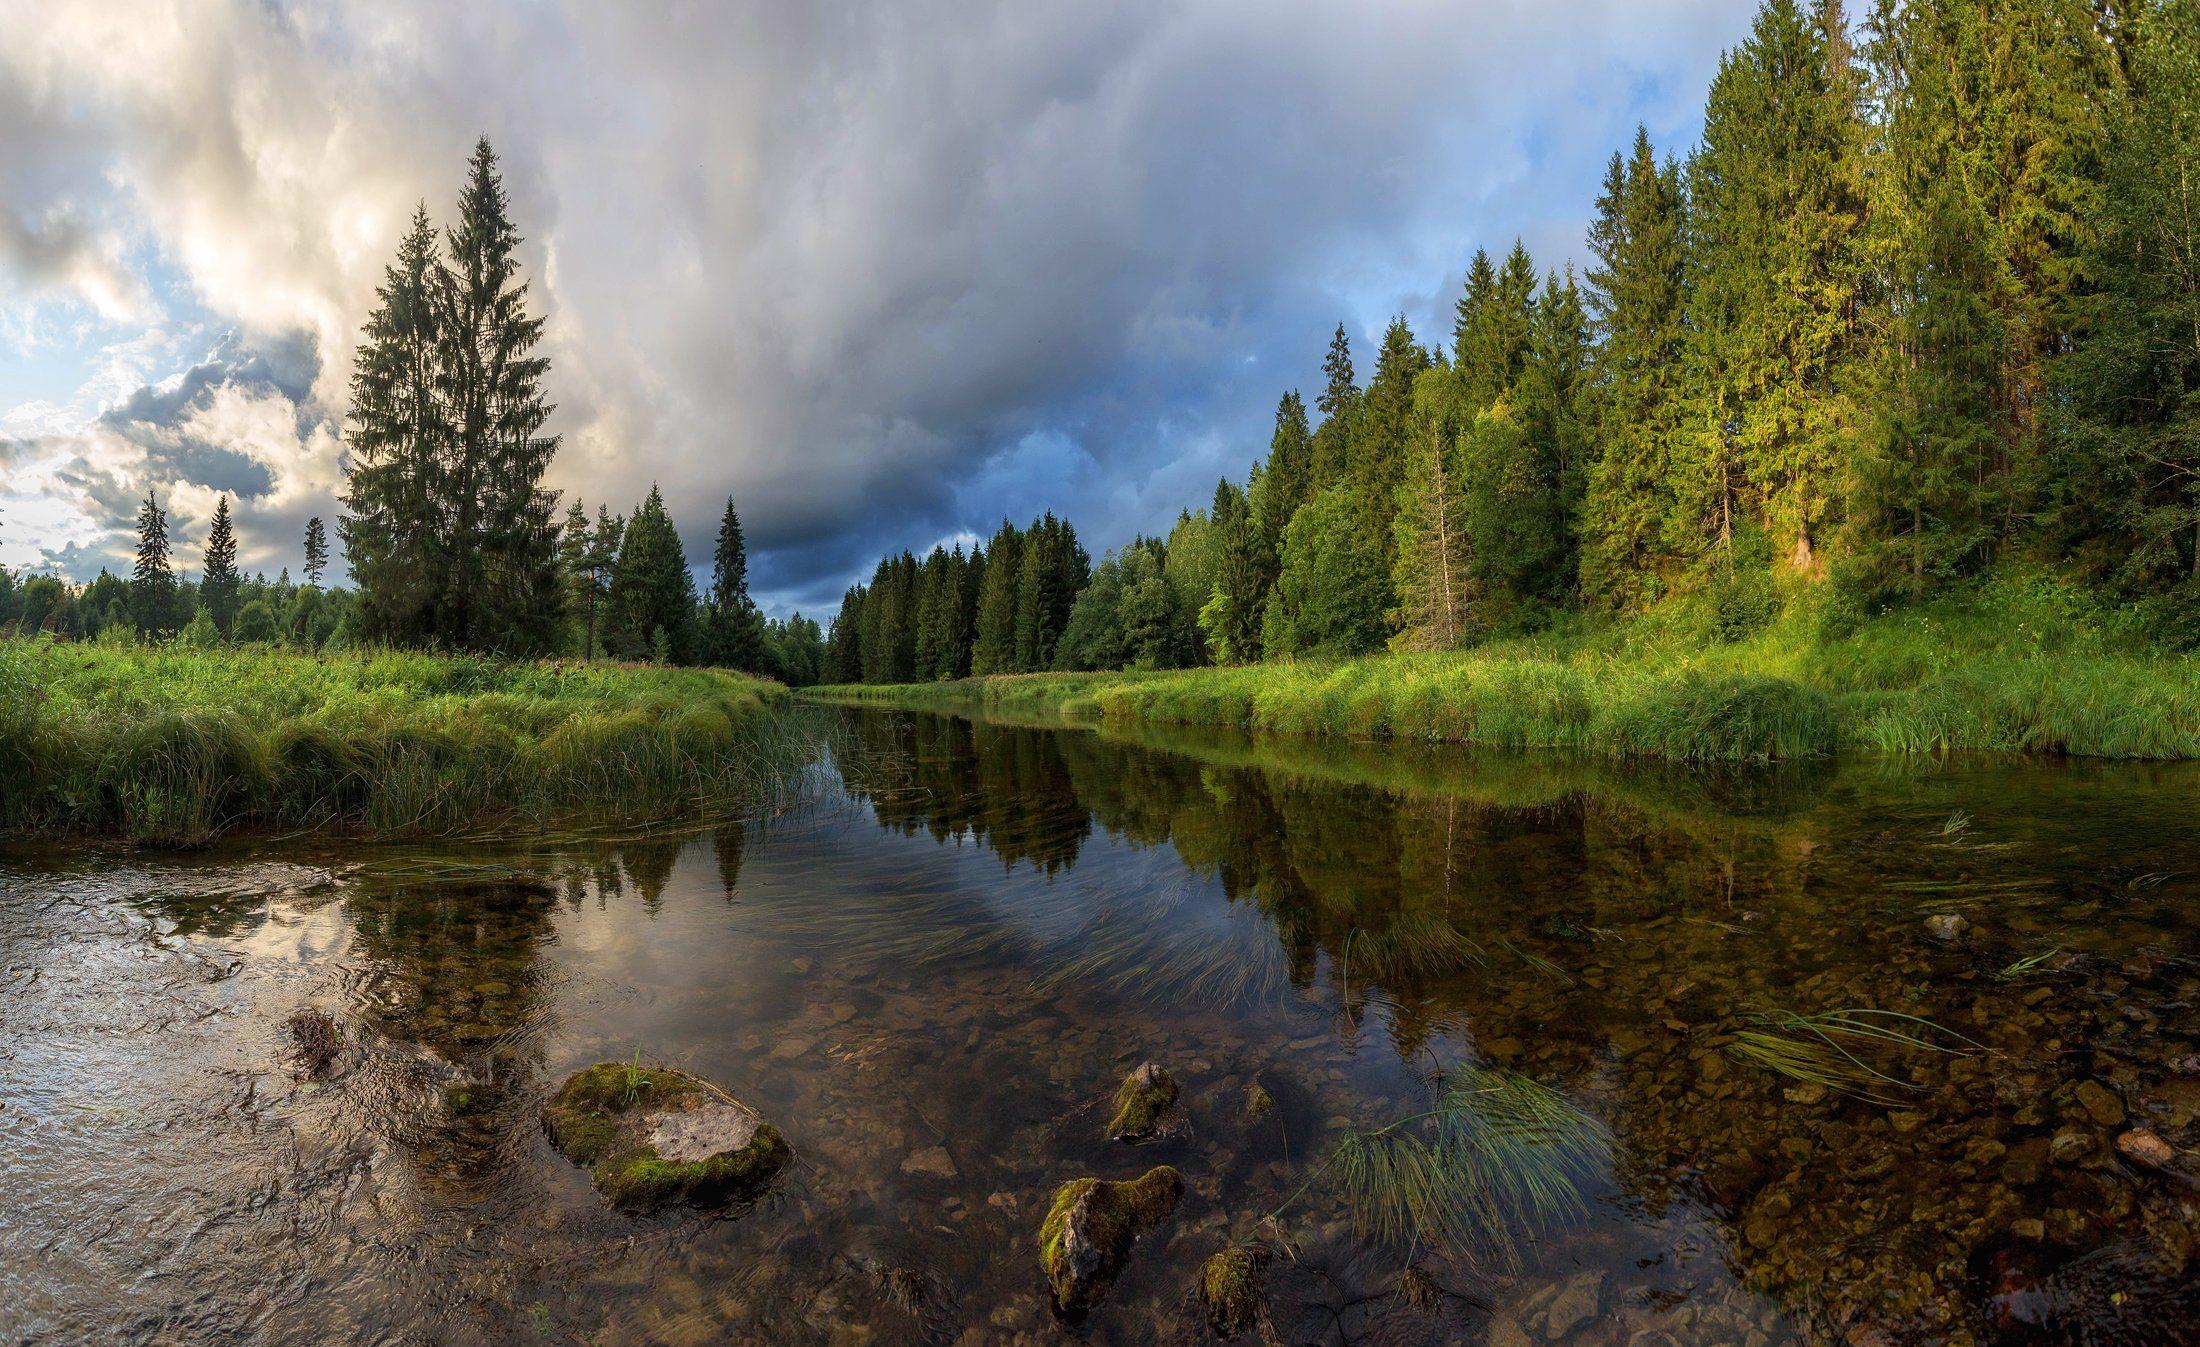 река, лето ,вечер, туча, ленинграская обалсть, рыбалка, небо, ель, Vaschenkov Pavel